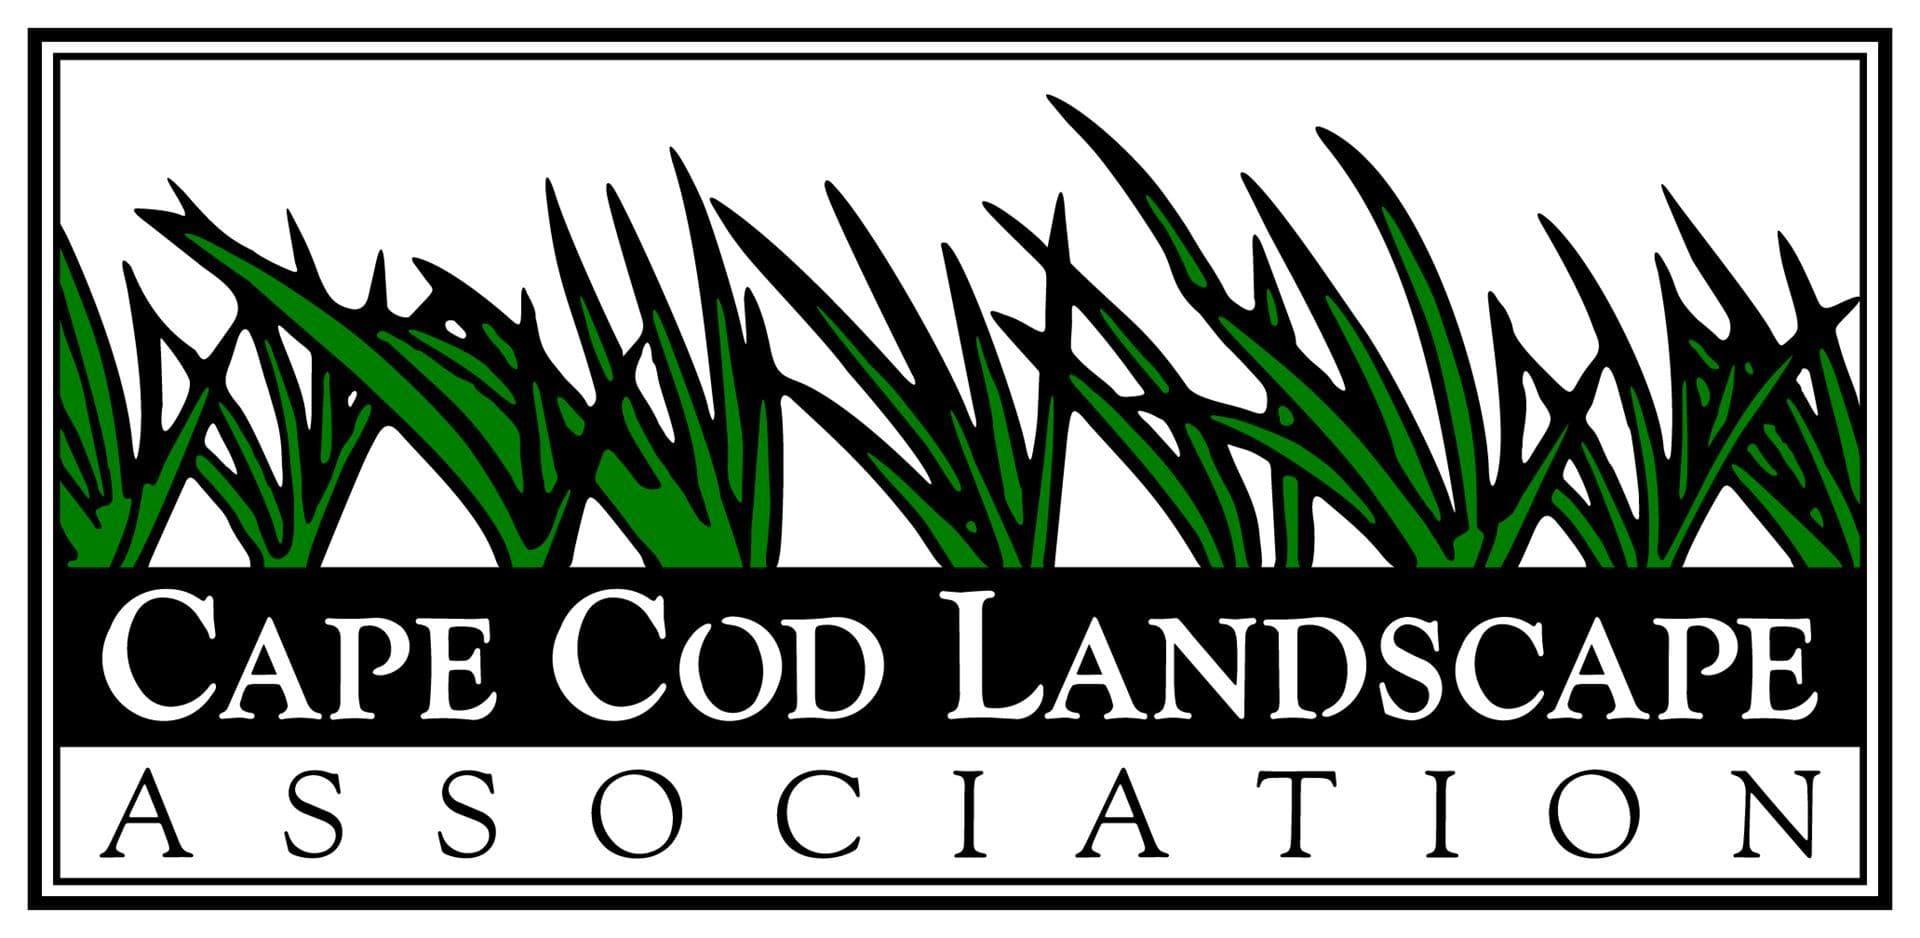 Cape Cod Landscape Association